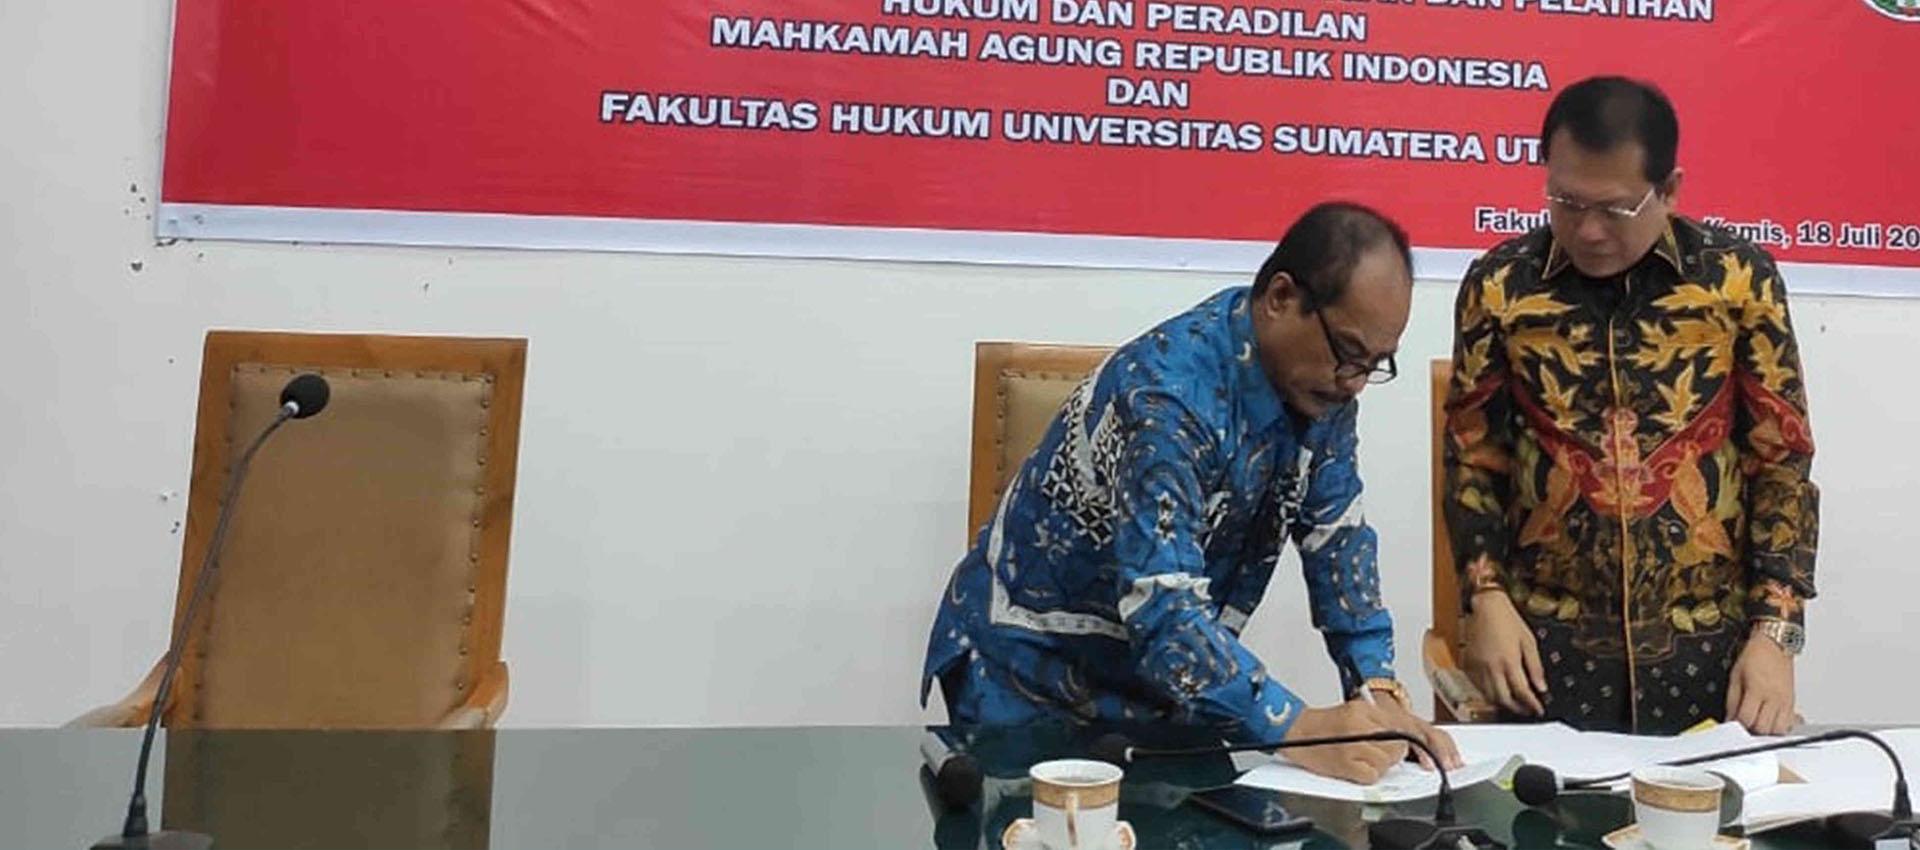 توقيع تعاون بين هيئة أبحاث المحكمة العليا الإندونيسية وكلية الحقوق ، جامعة شمال سومطرة